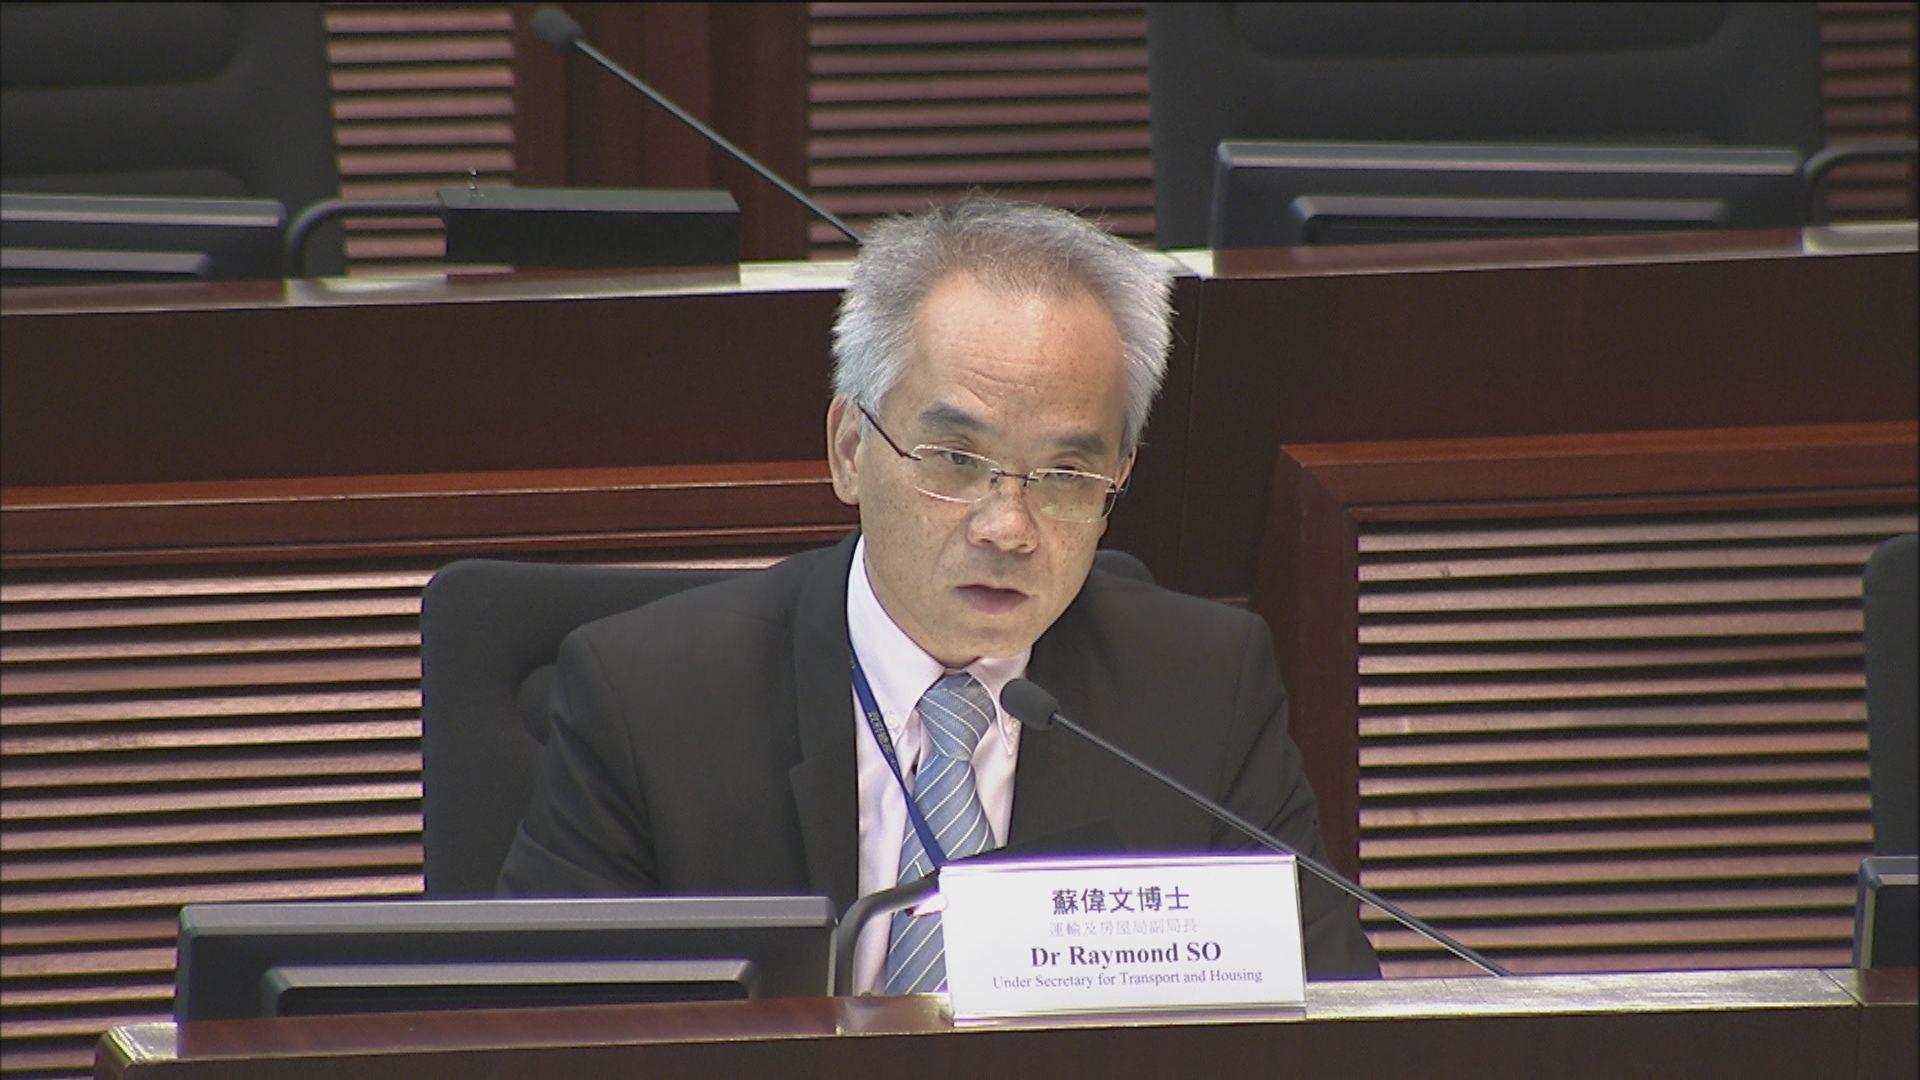 蘇偉文:政府將更積極參與建過渡房屋